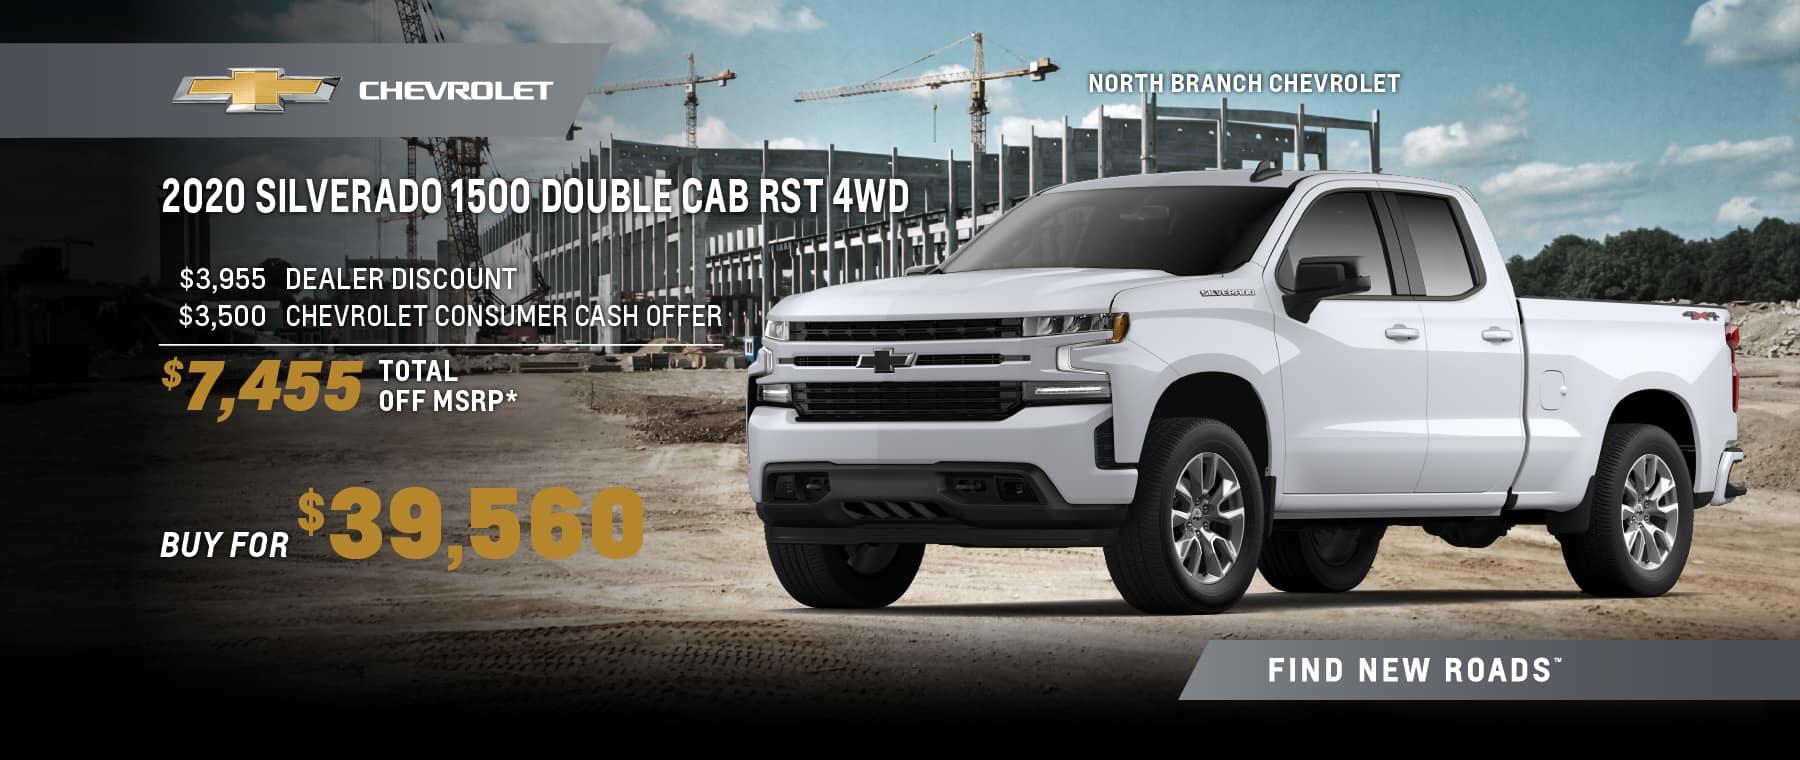 2020 CHEVROLET SILVERADO 1500 DOUBLE CAB RST 4WD